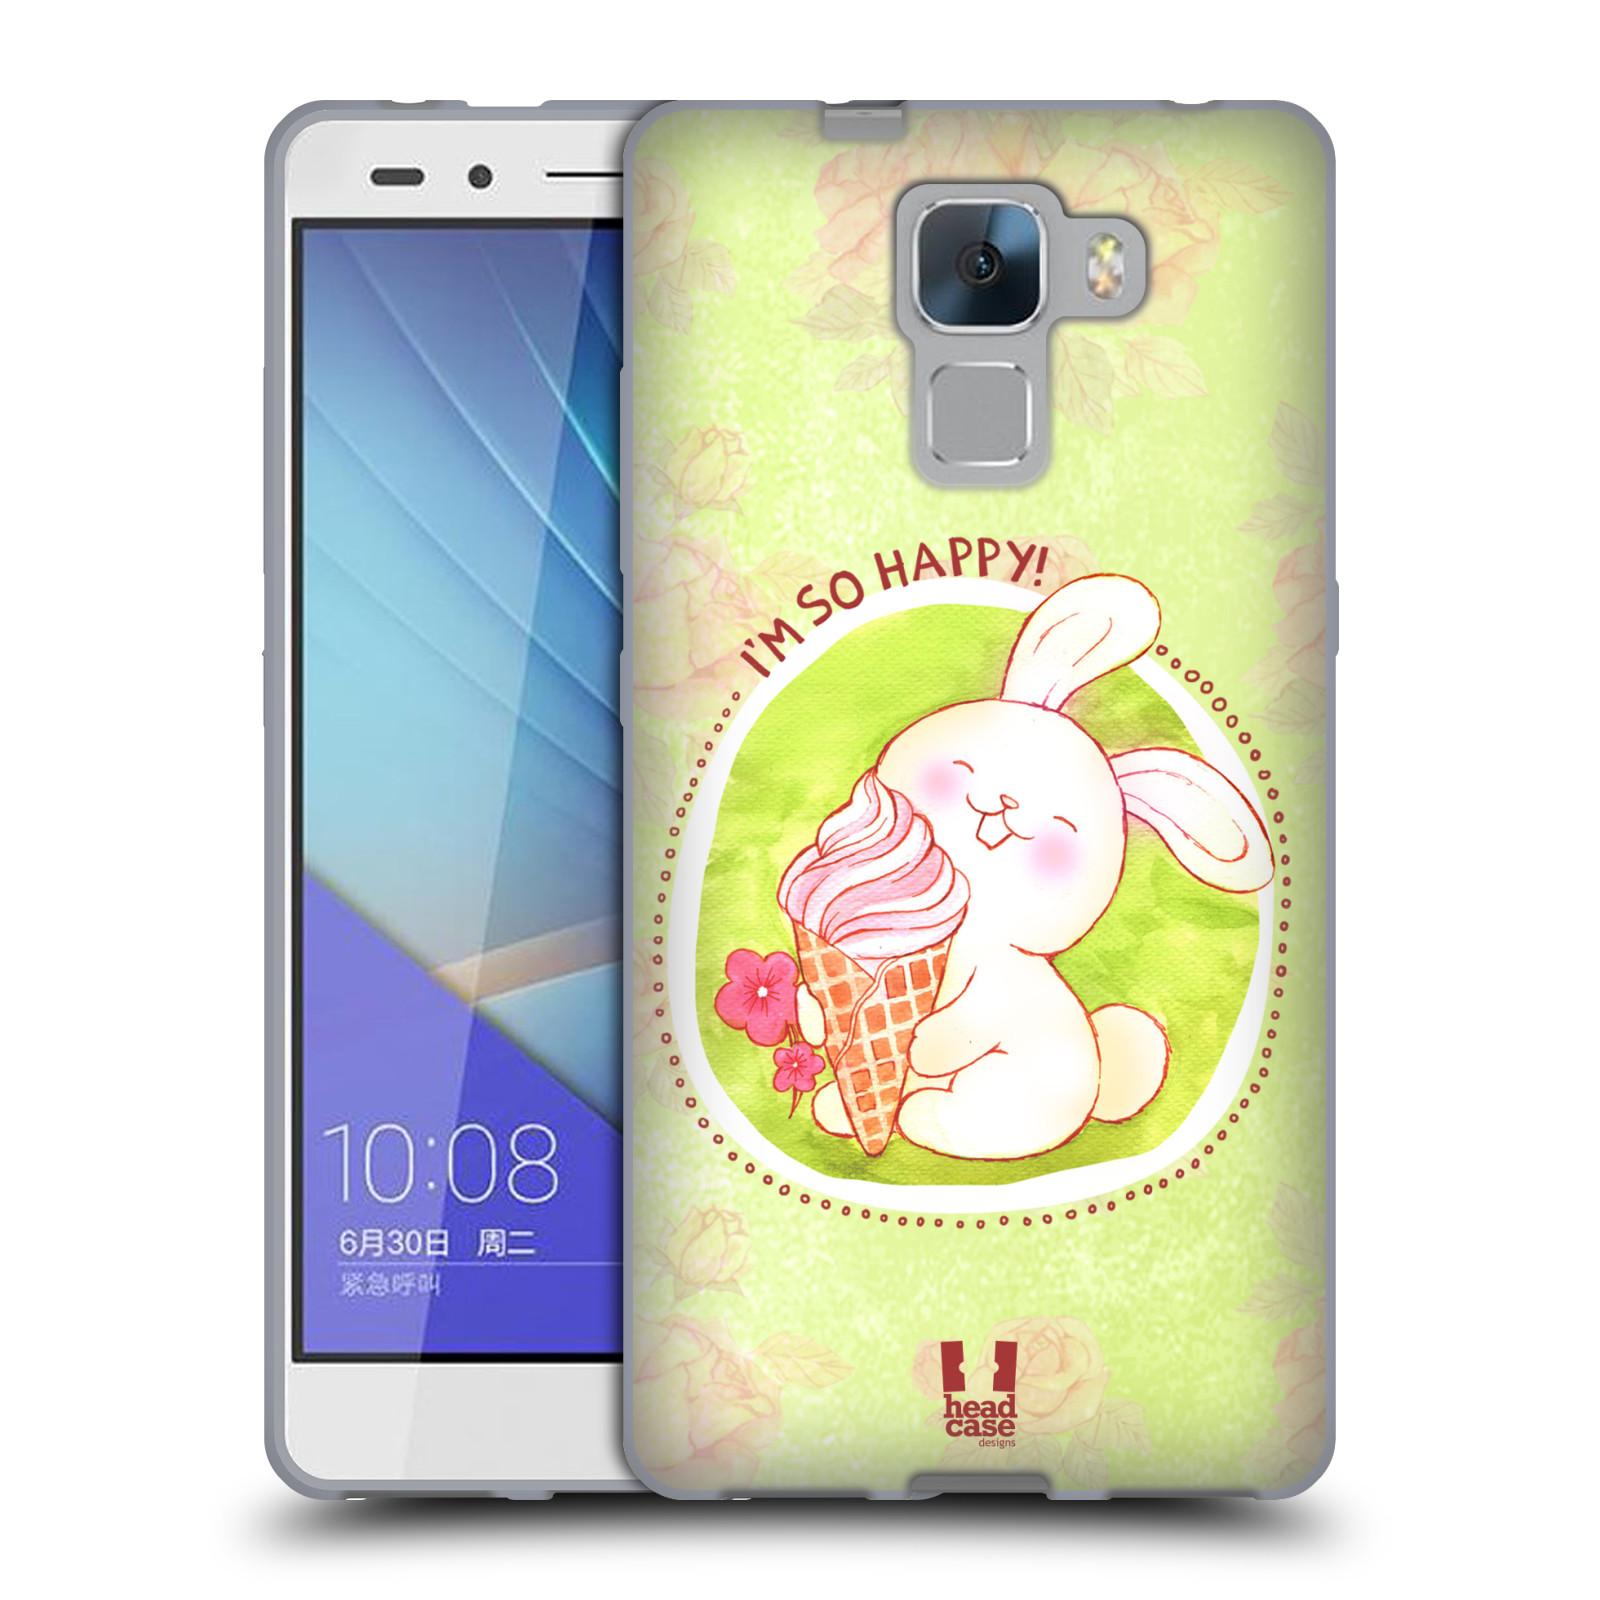 Silikonové pouzdro na mobil Honor 7 HEAD CASE KRÁLÍČEK A ZMRZKA